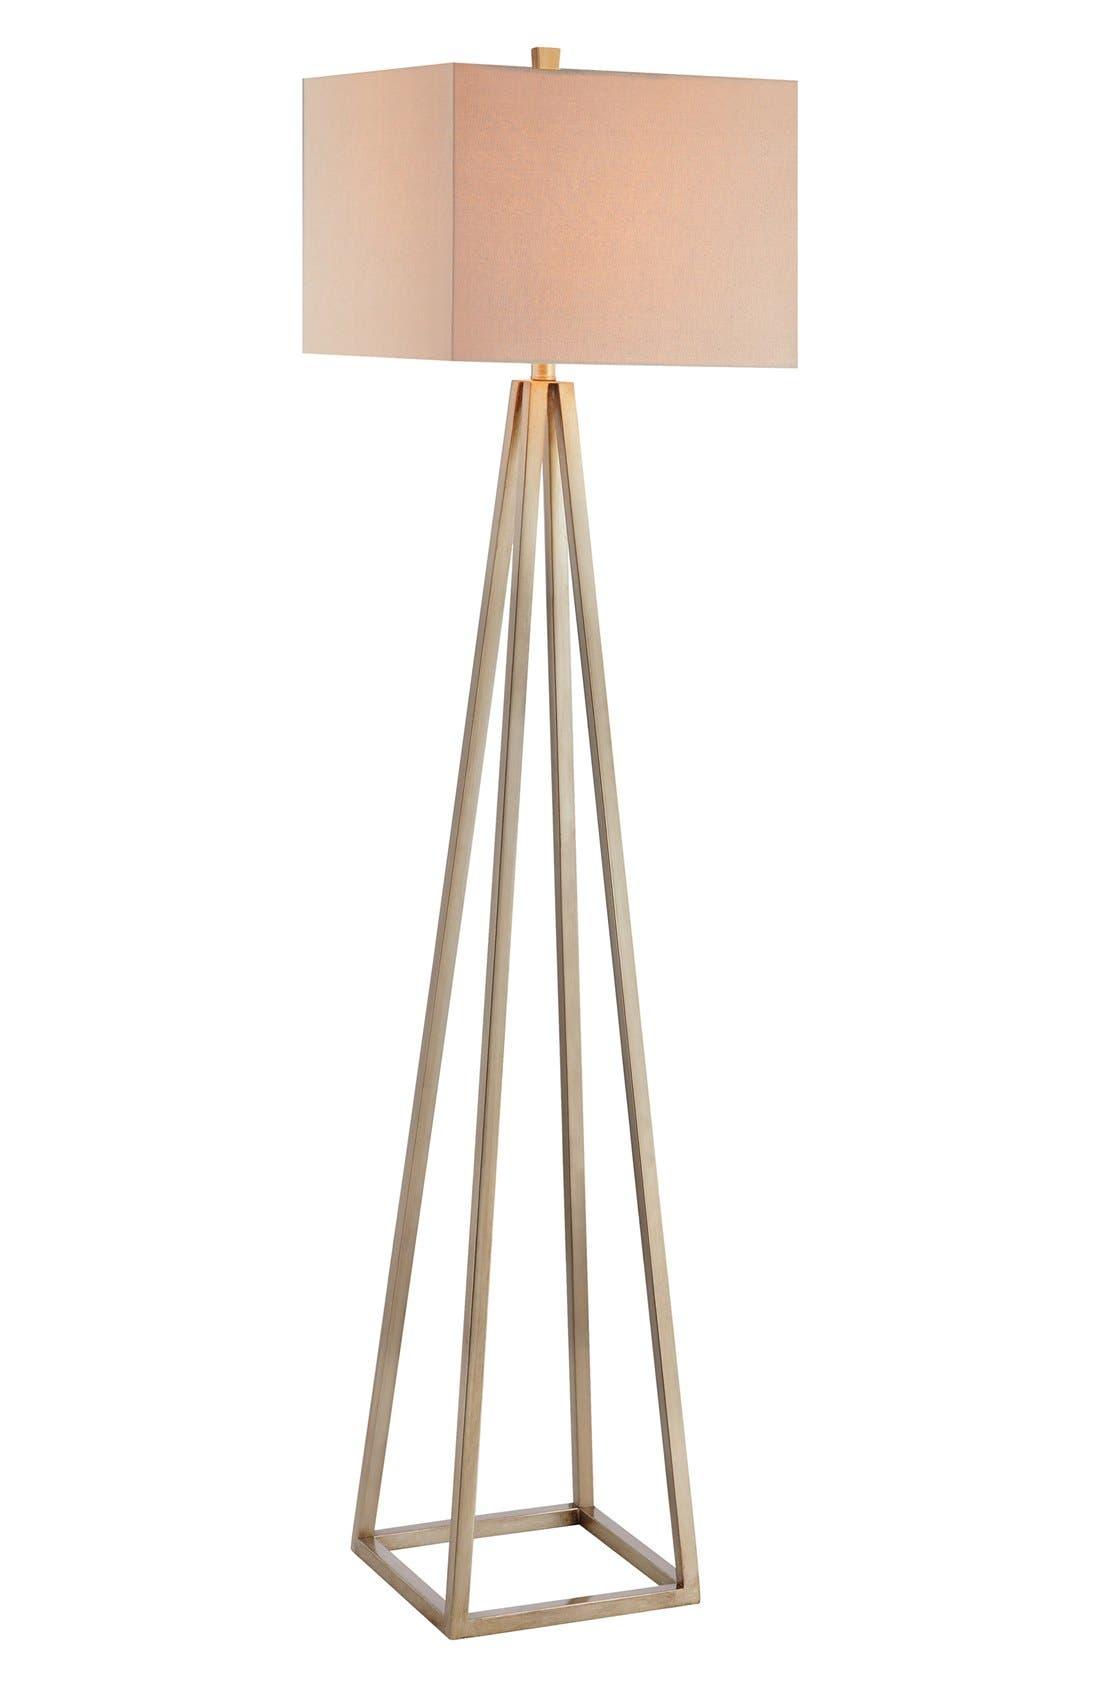 JALEXANDER LIGHTING Open Caged Metal Floor Lamp, Main, color, 710